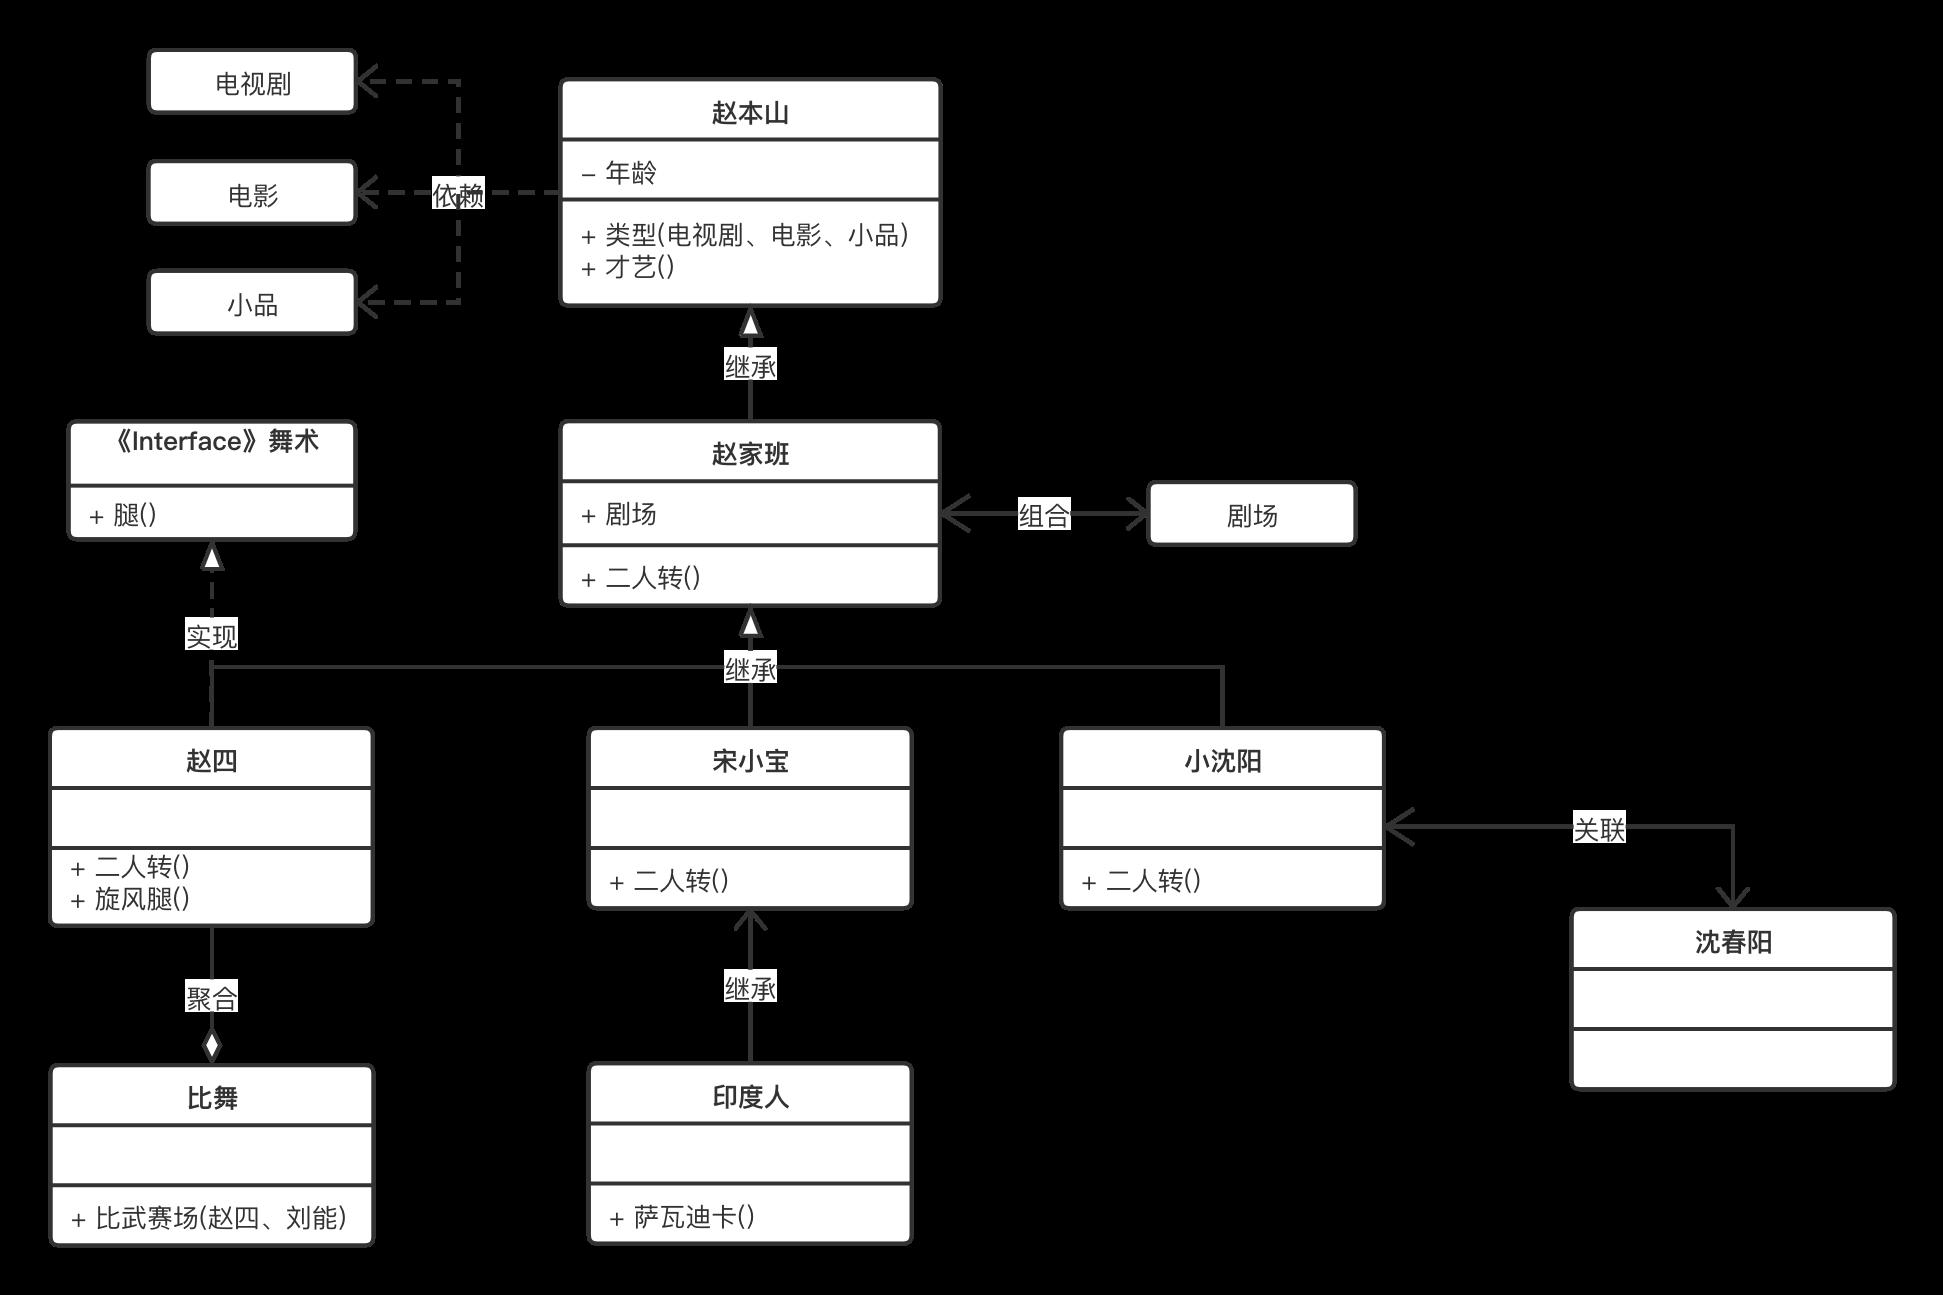 UML类图,赵家班全景类图